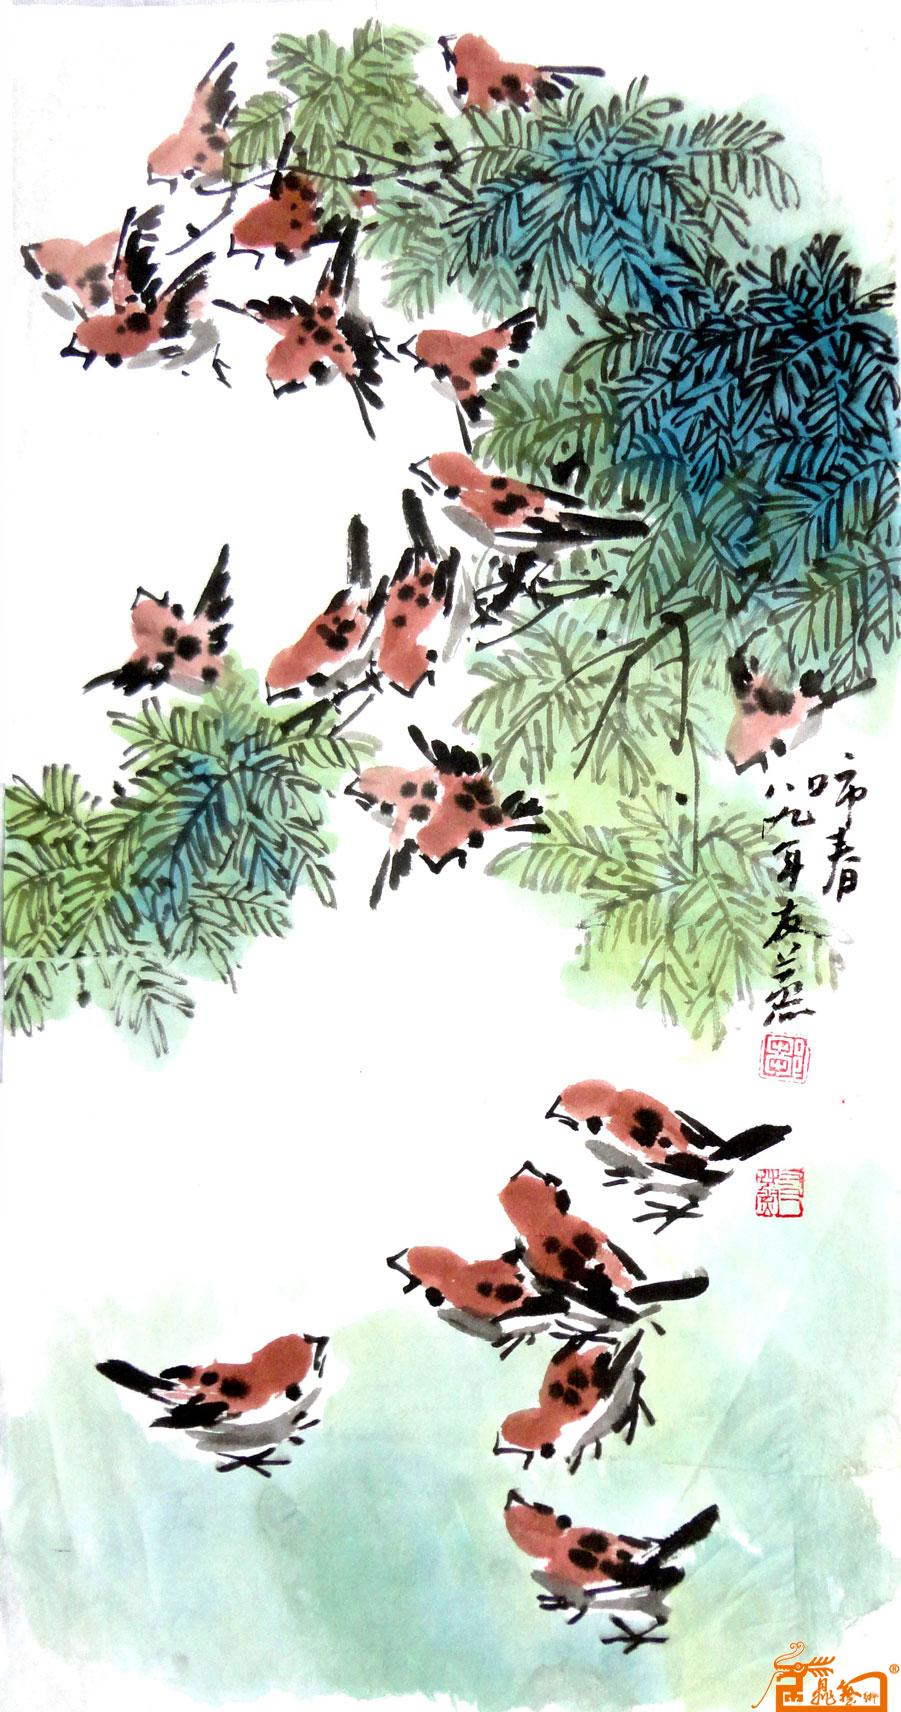 名家 邹友蒸 国画 - 33图《麻雀-槐树》